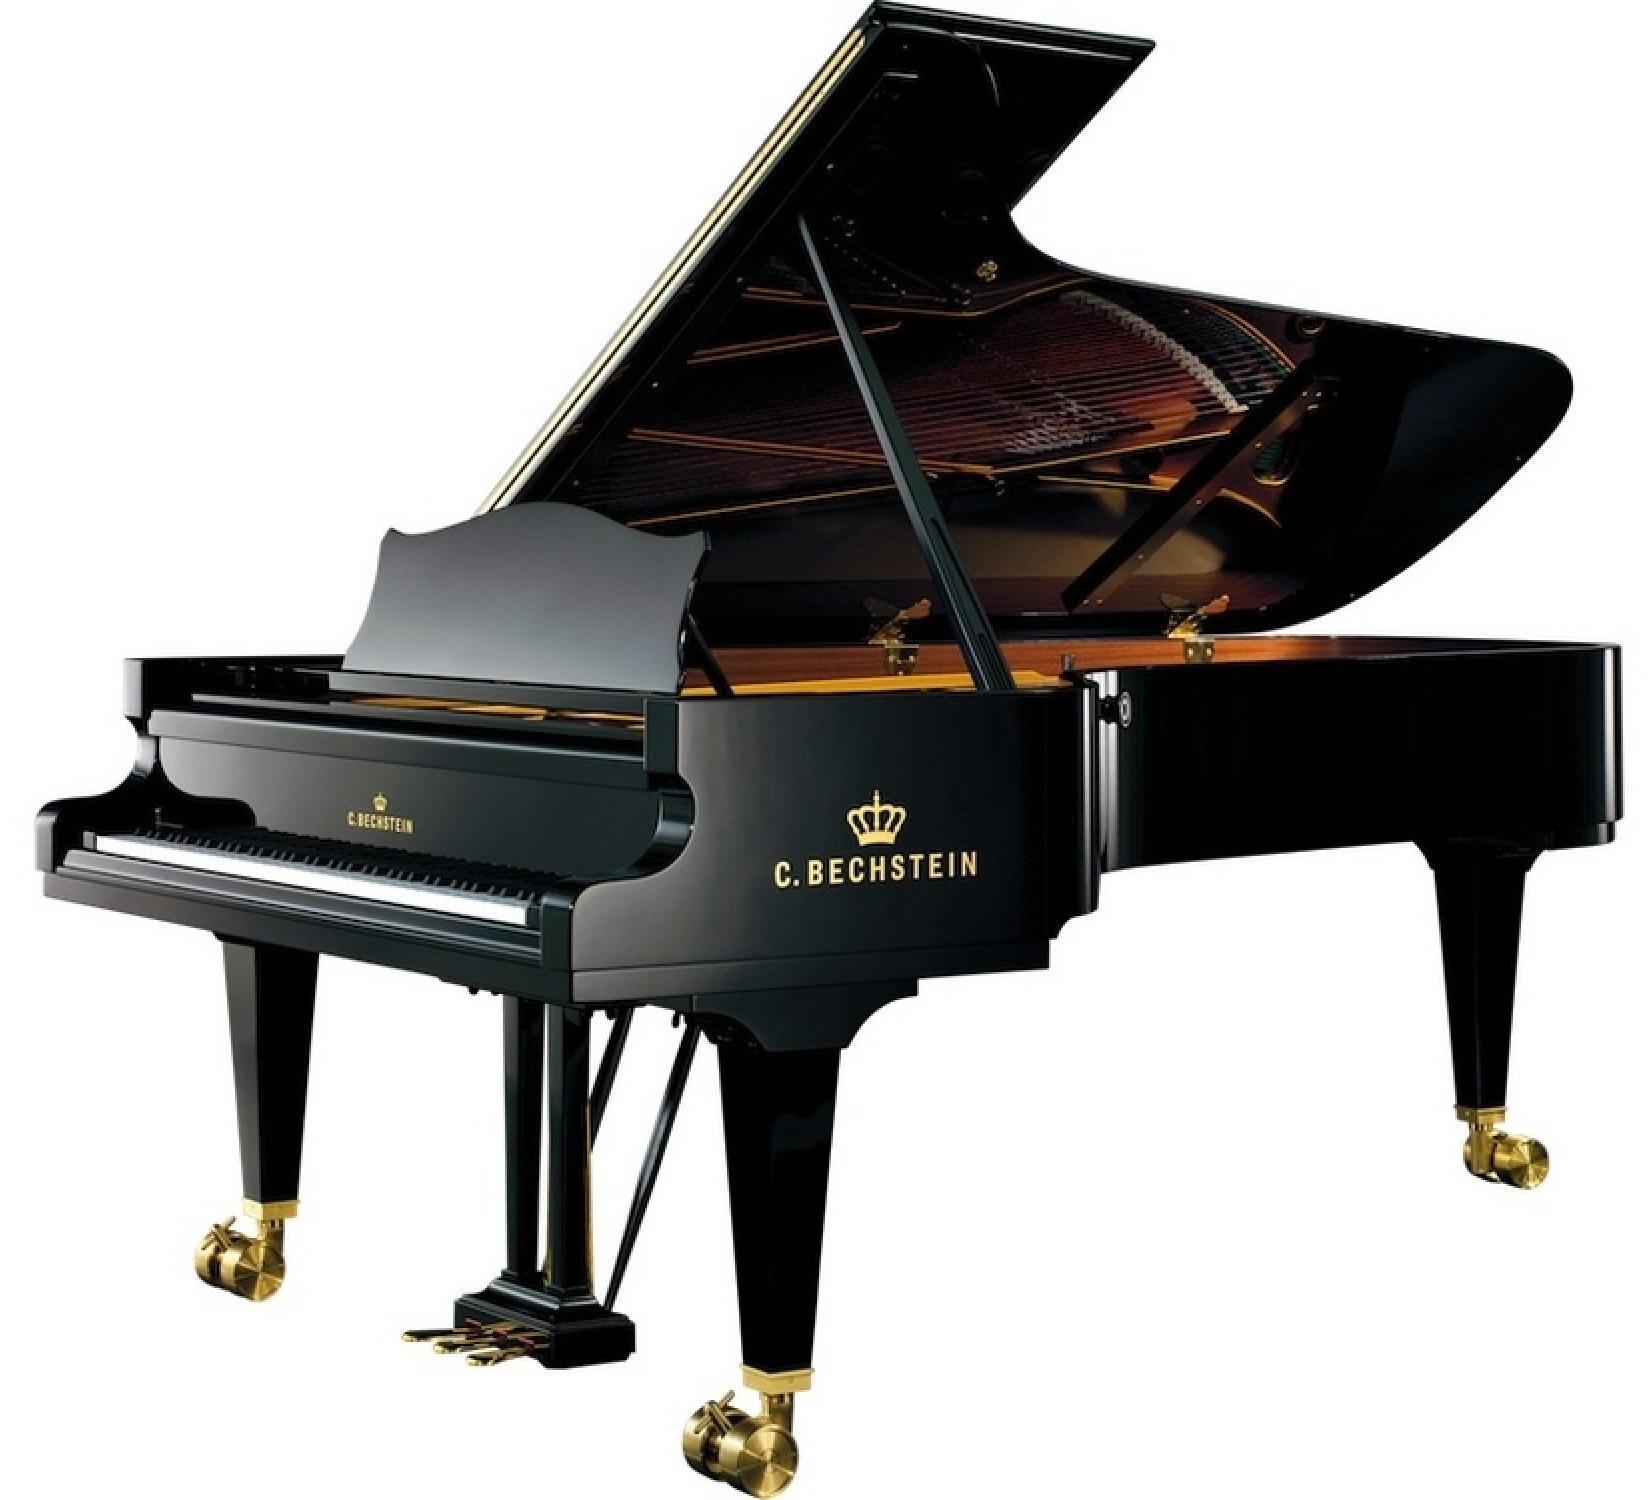 Comprar un piano, guía y consejos. Información para comprar un piano al mejor precio